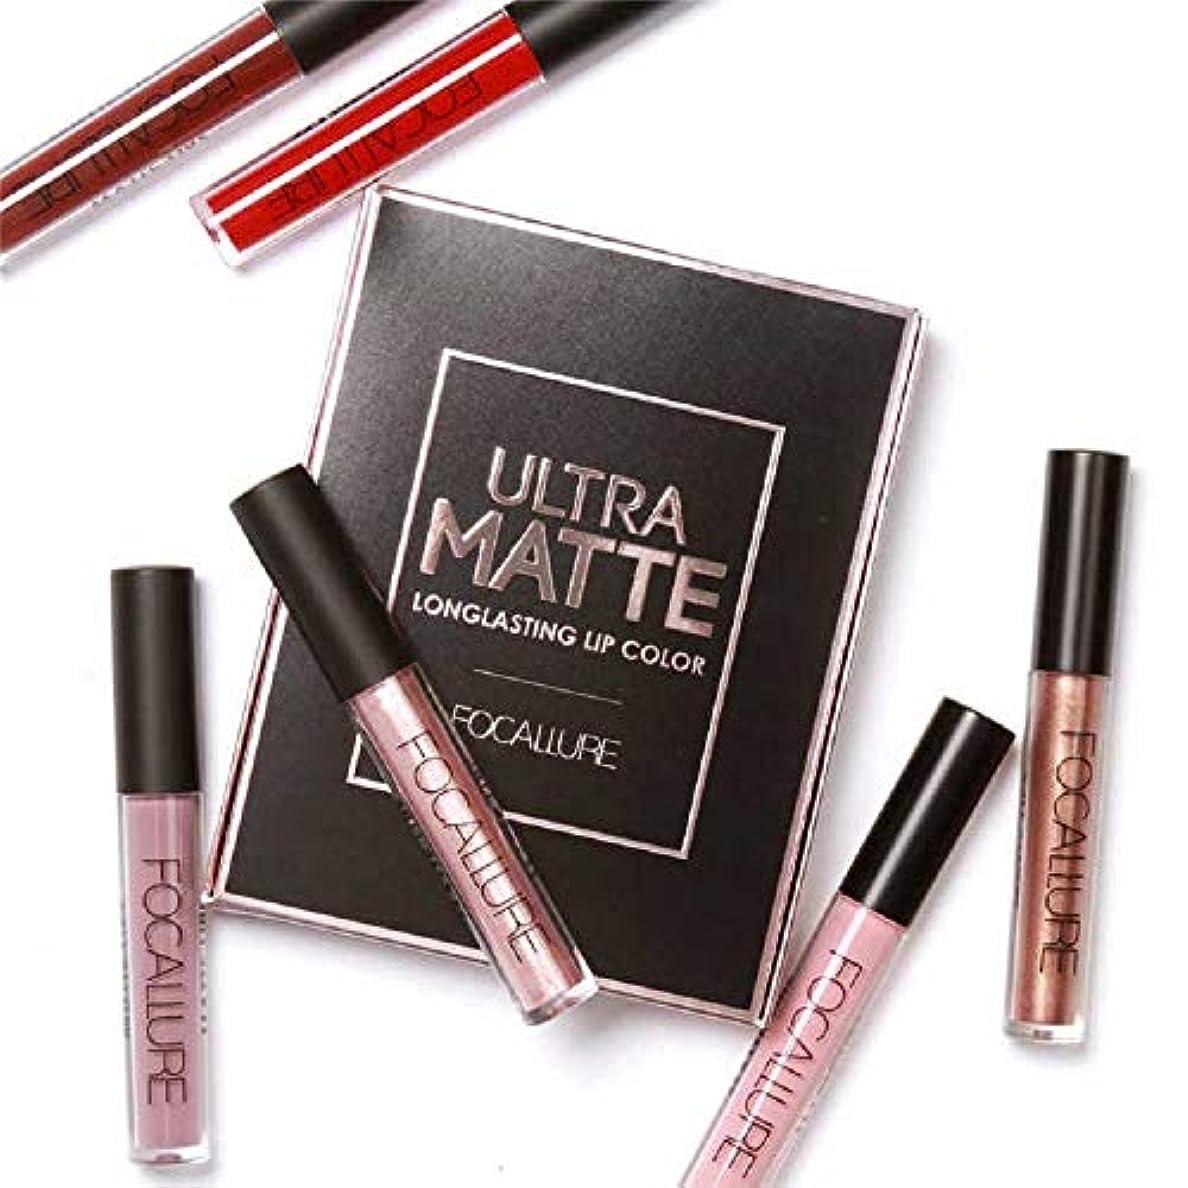 芸術的同情的基本的な3Pcs/Set Long-lasting Lip Colors Makeup Waterproof Tint Lip Gloss Red Velvet Ultra Nude Matte Lipstick Set リップカラーメーキャップ...